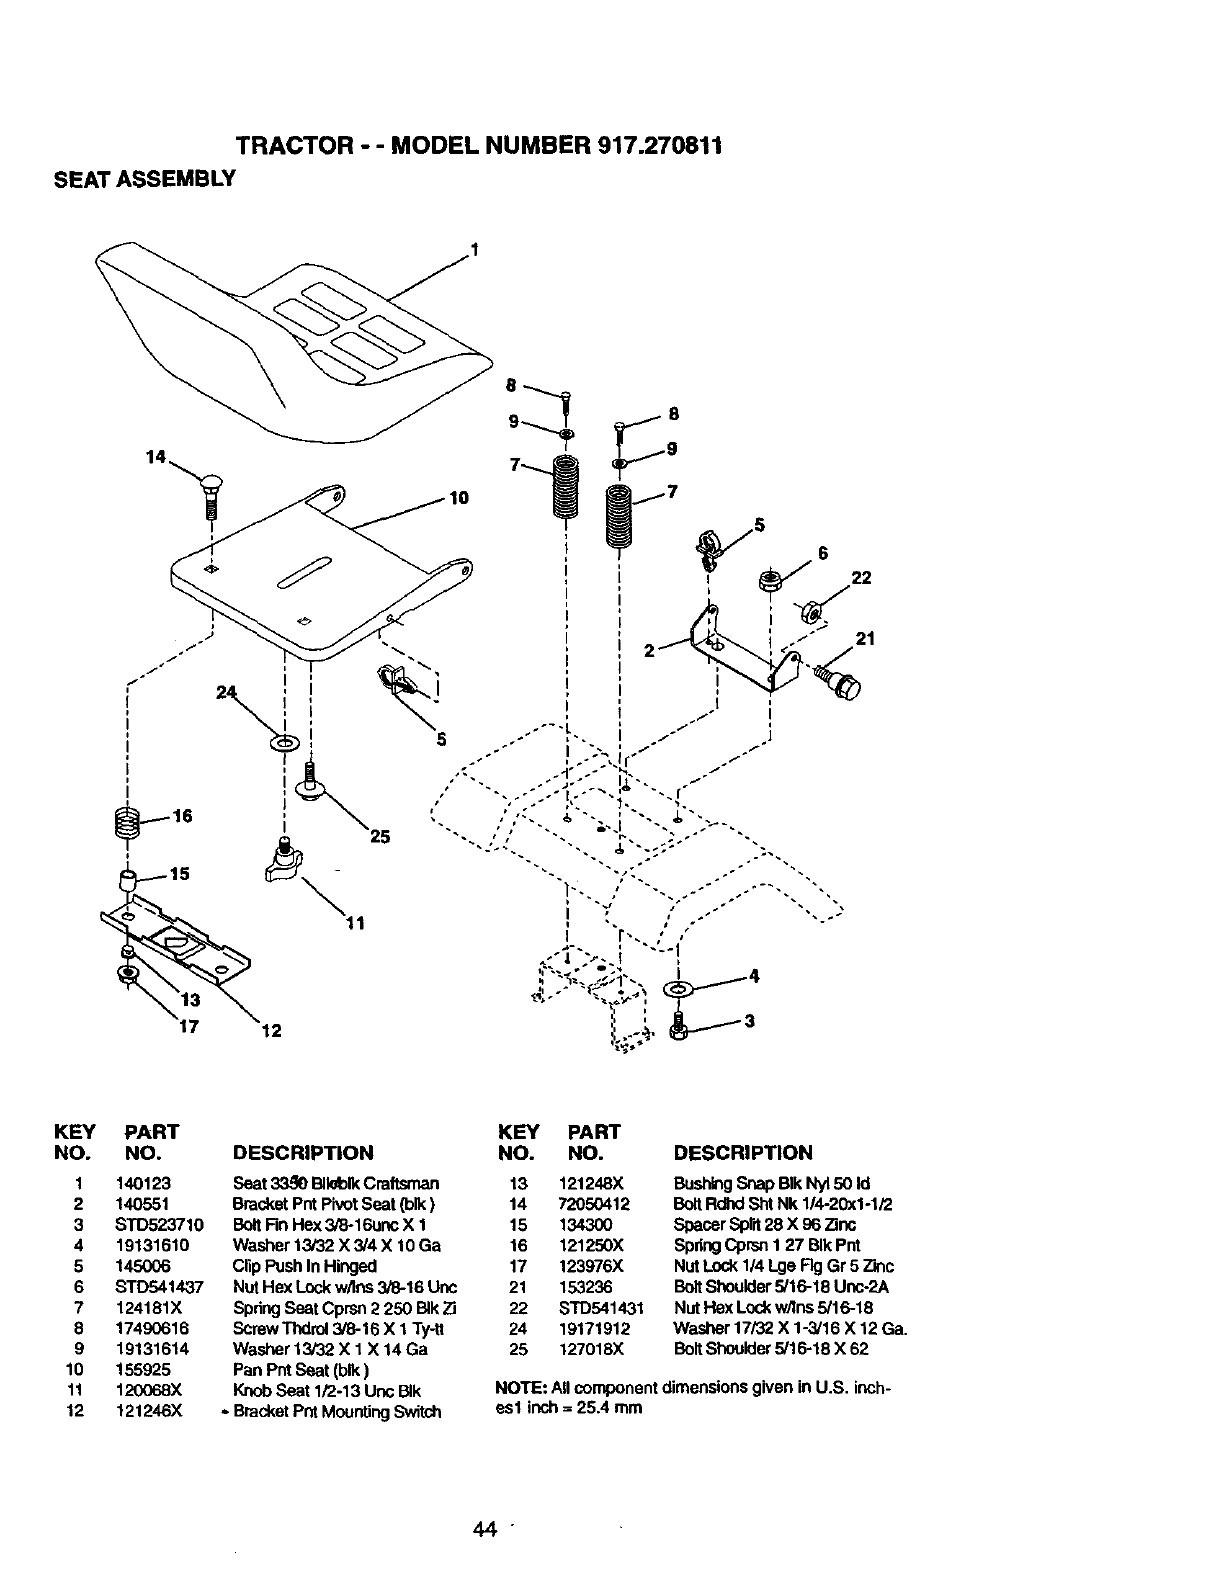 17.5 Hp Craftsman Wiring Diagram Briggs &stratton 17 5 Hp Part Diaghram Of 17.5 Hp Craftsman Wiring Diagram